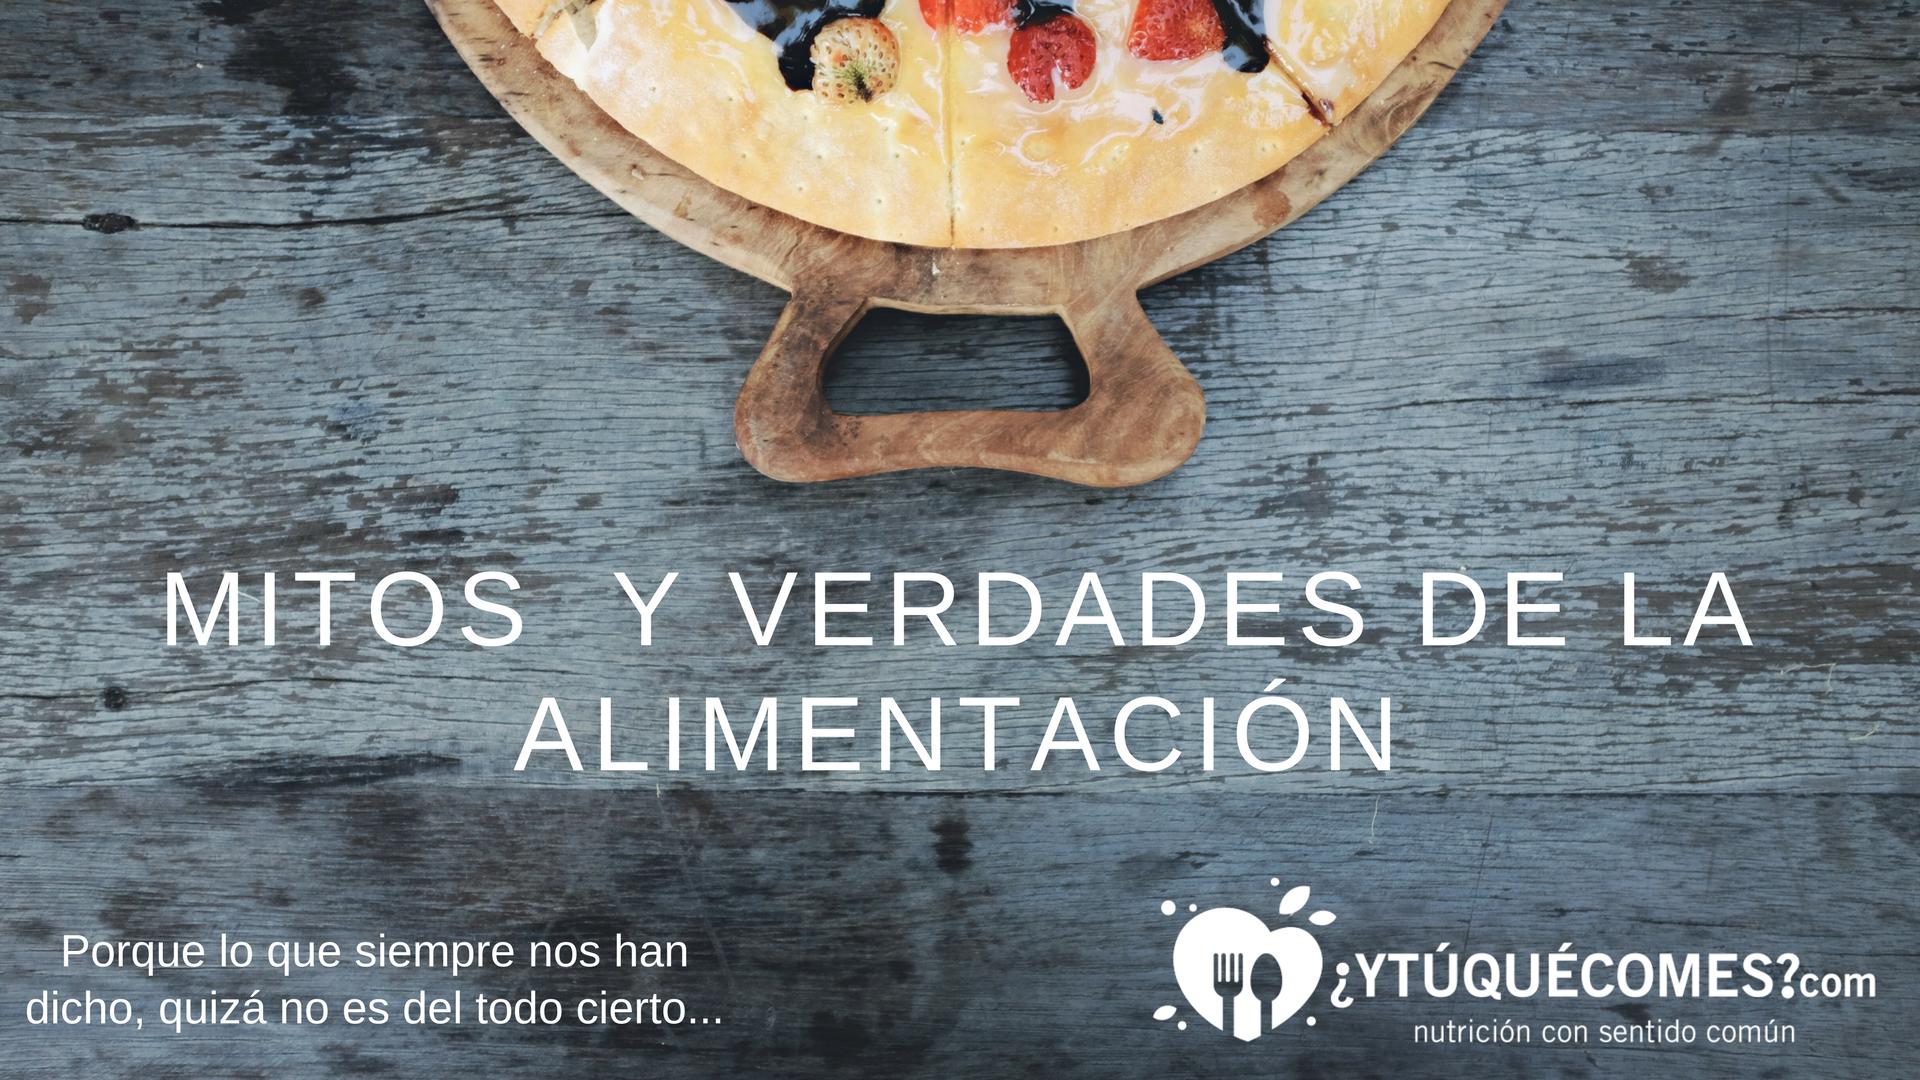 charla gratuita mitos y verdades de la alimentación